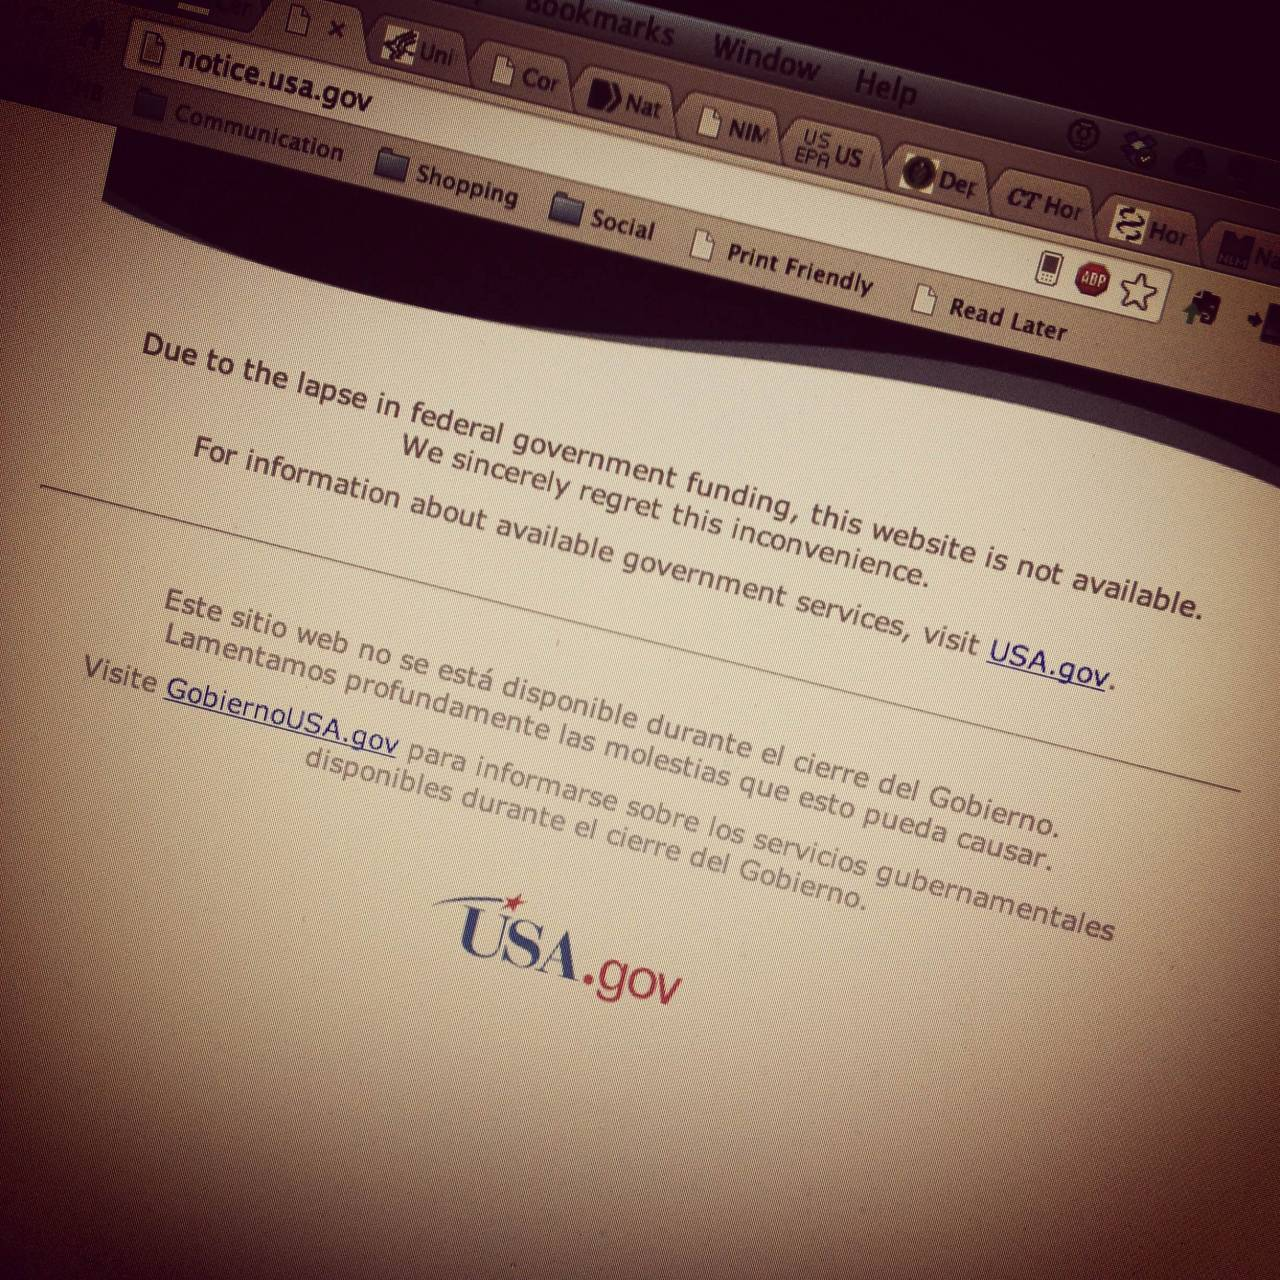 NASA home page government shutdown